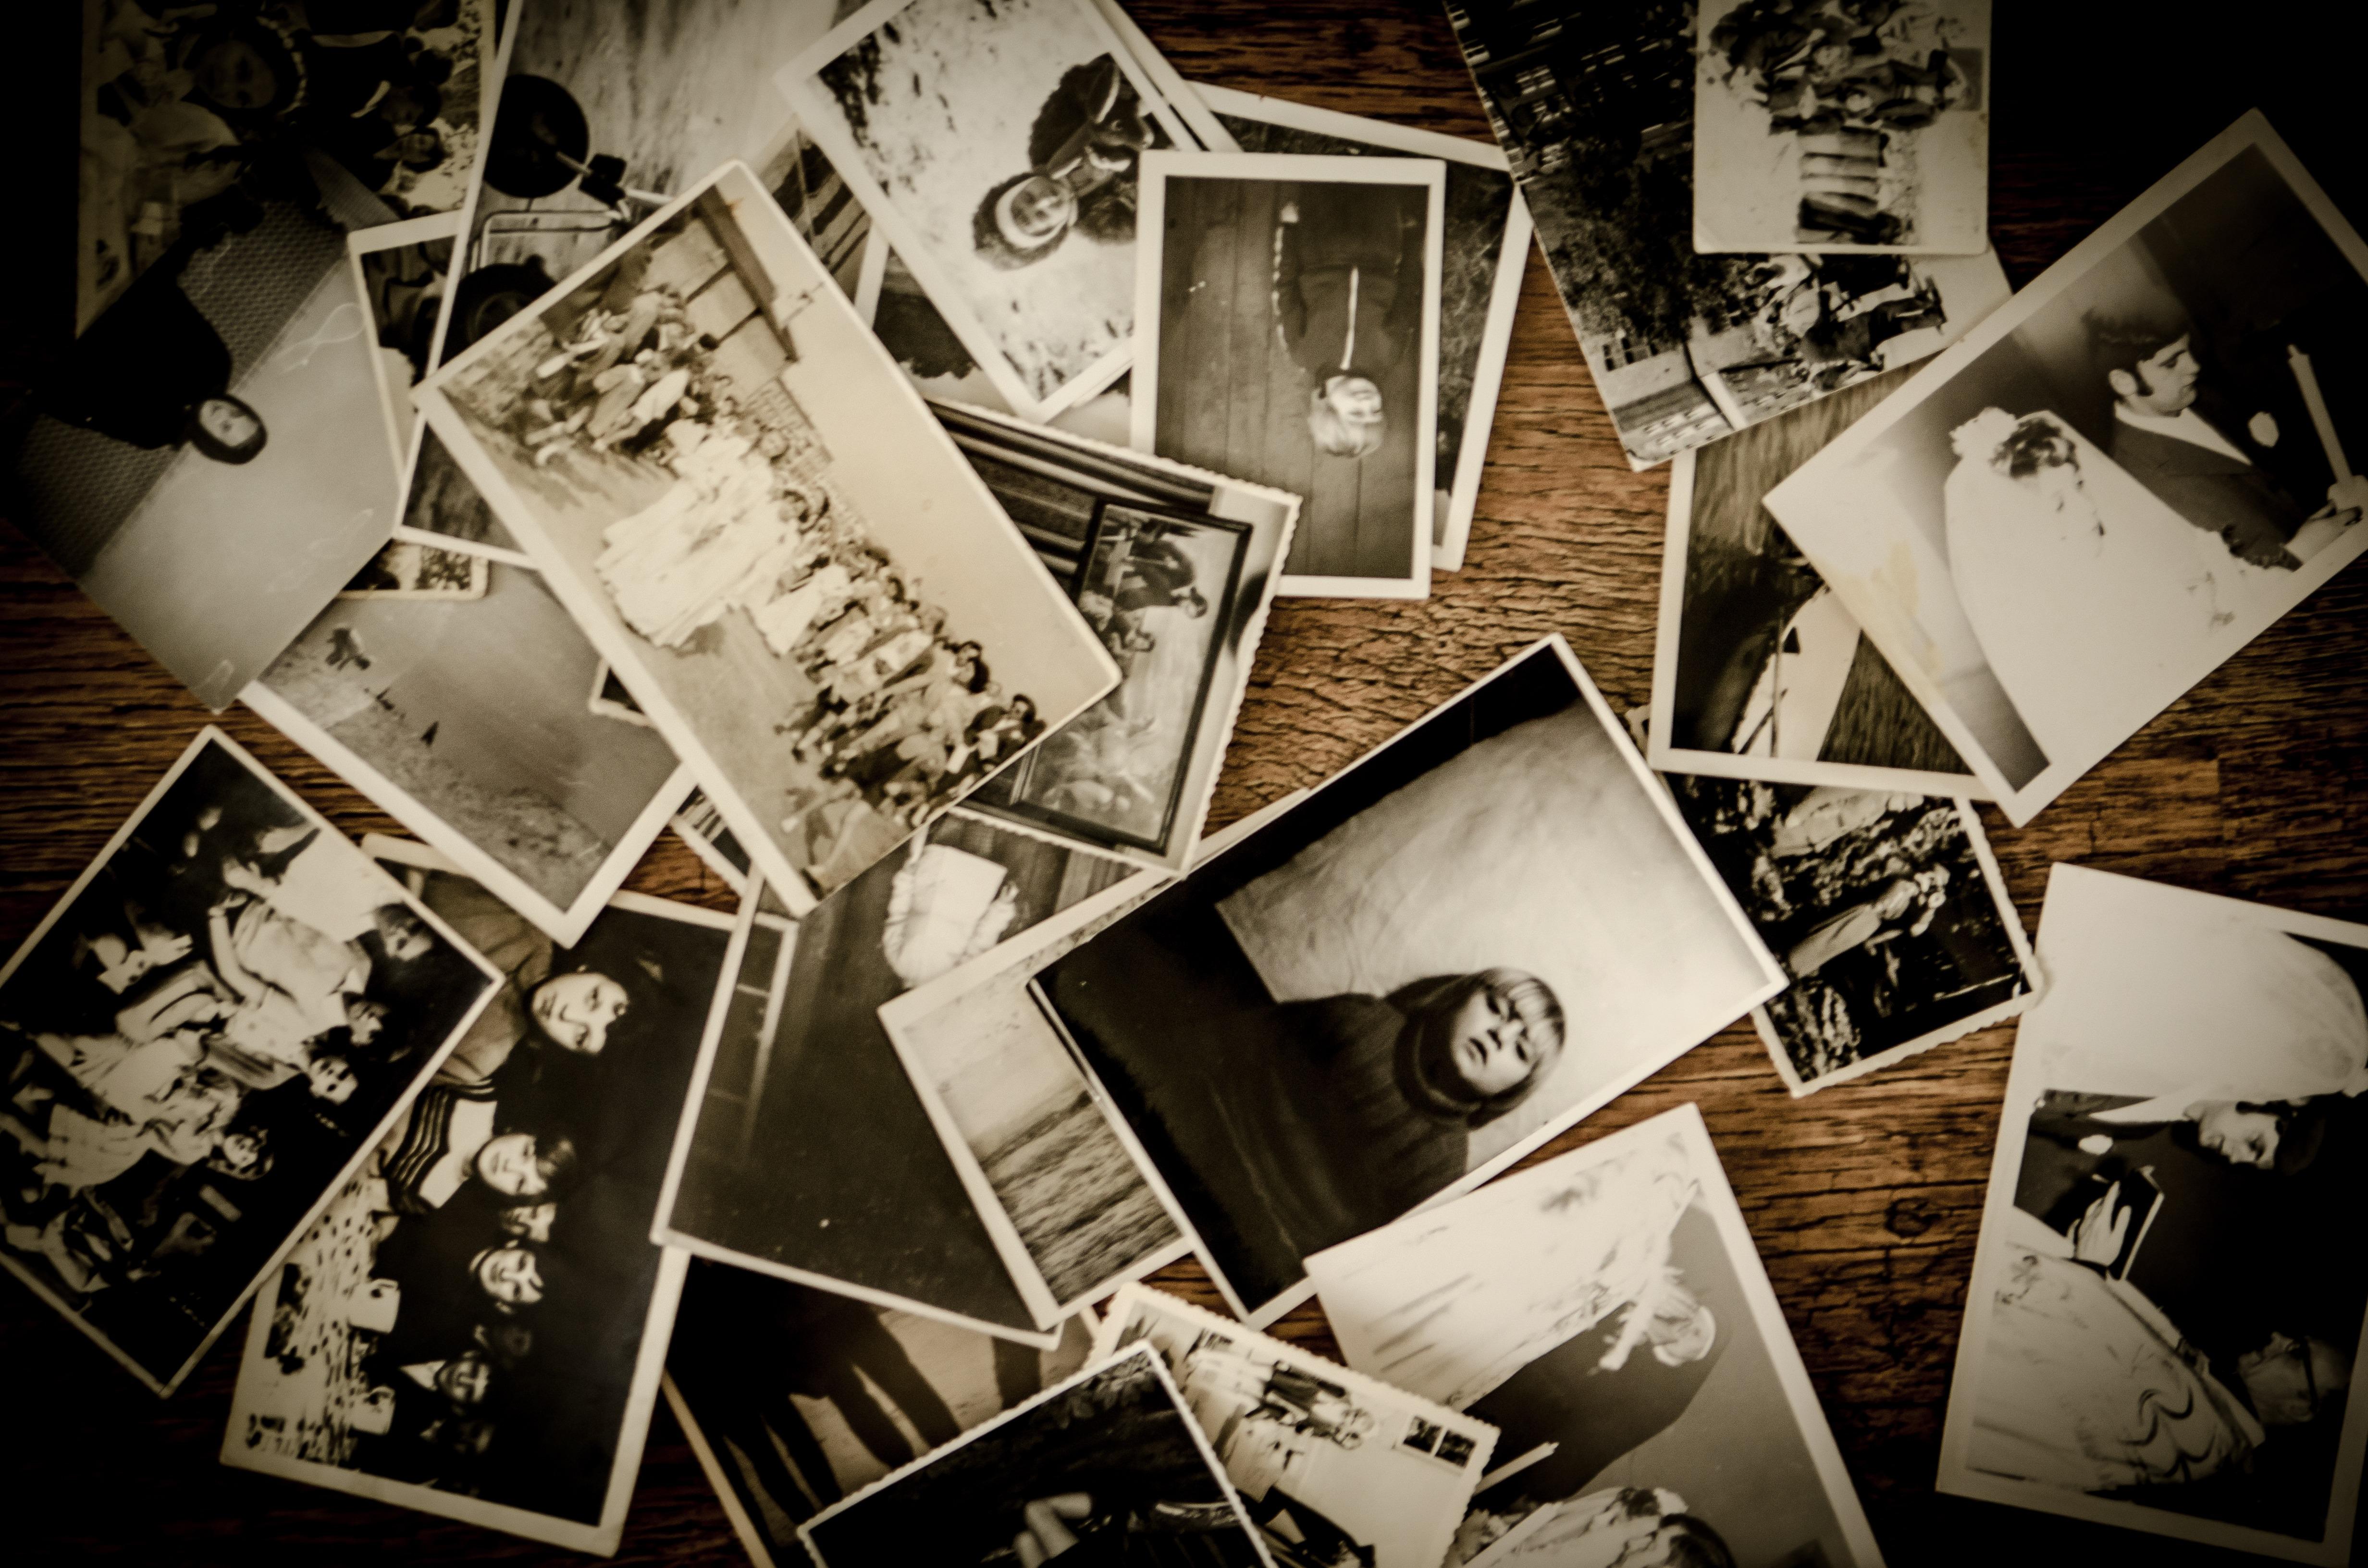 cfbb9288d5 blanc la photographie photographe vieux photo Mémoire nostalgie Monochrome  marque Photos art illustration conception photographier collage